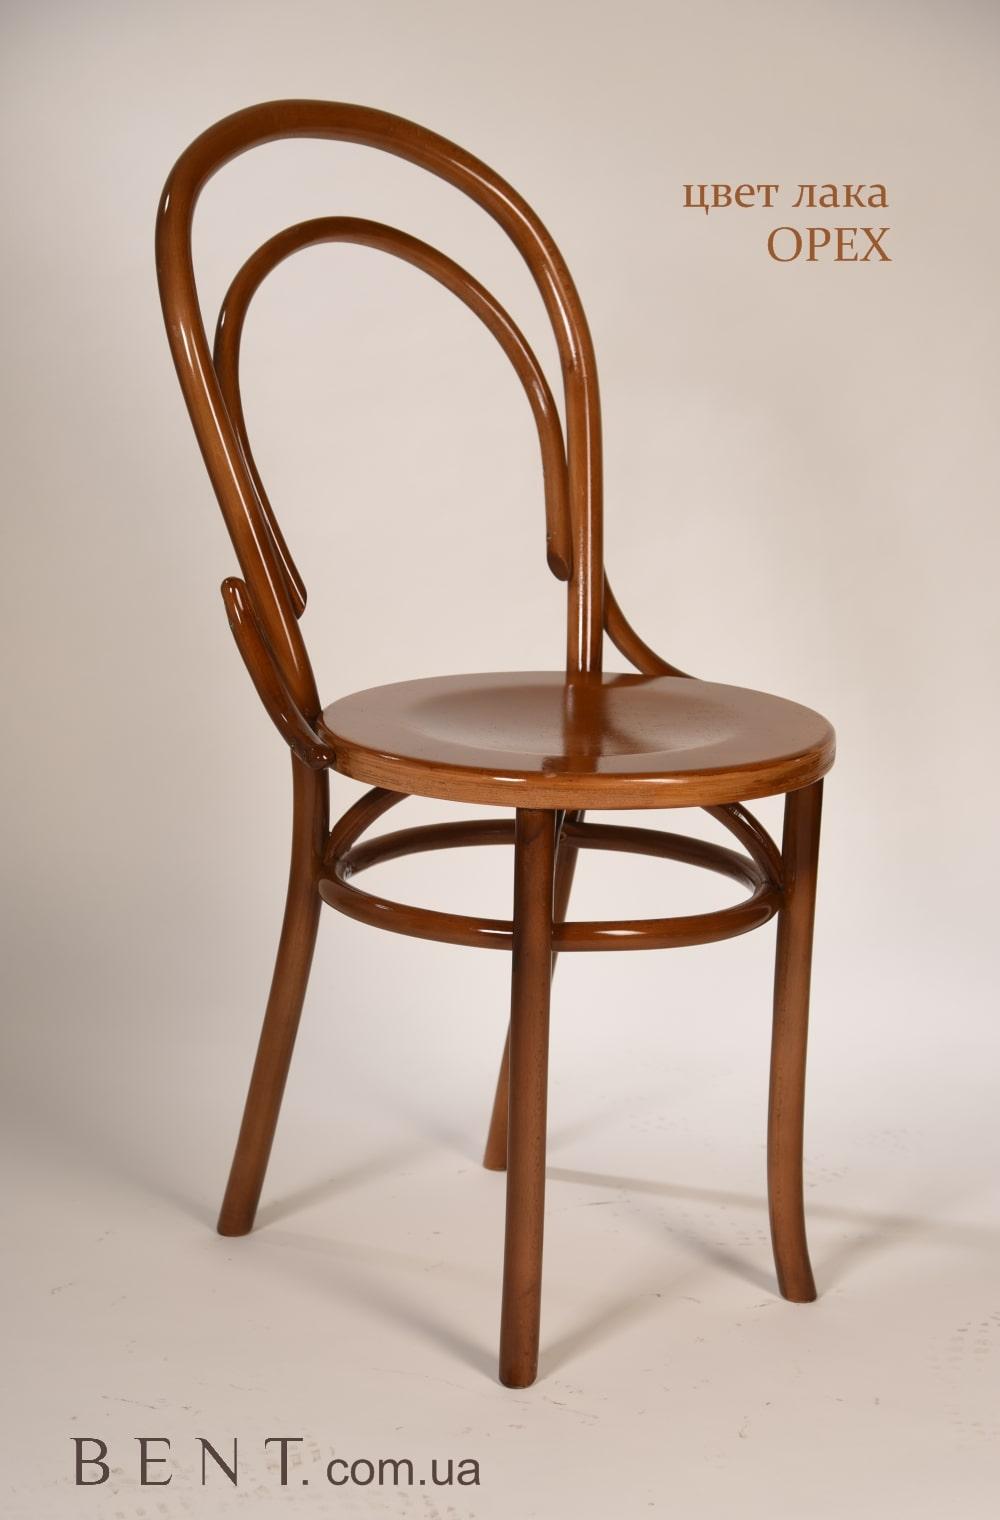 Купить венские стулья для кафе